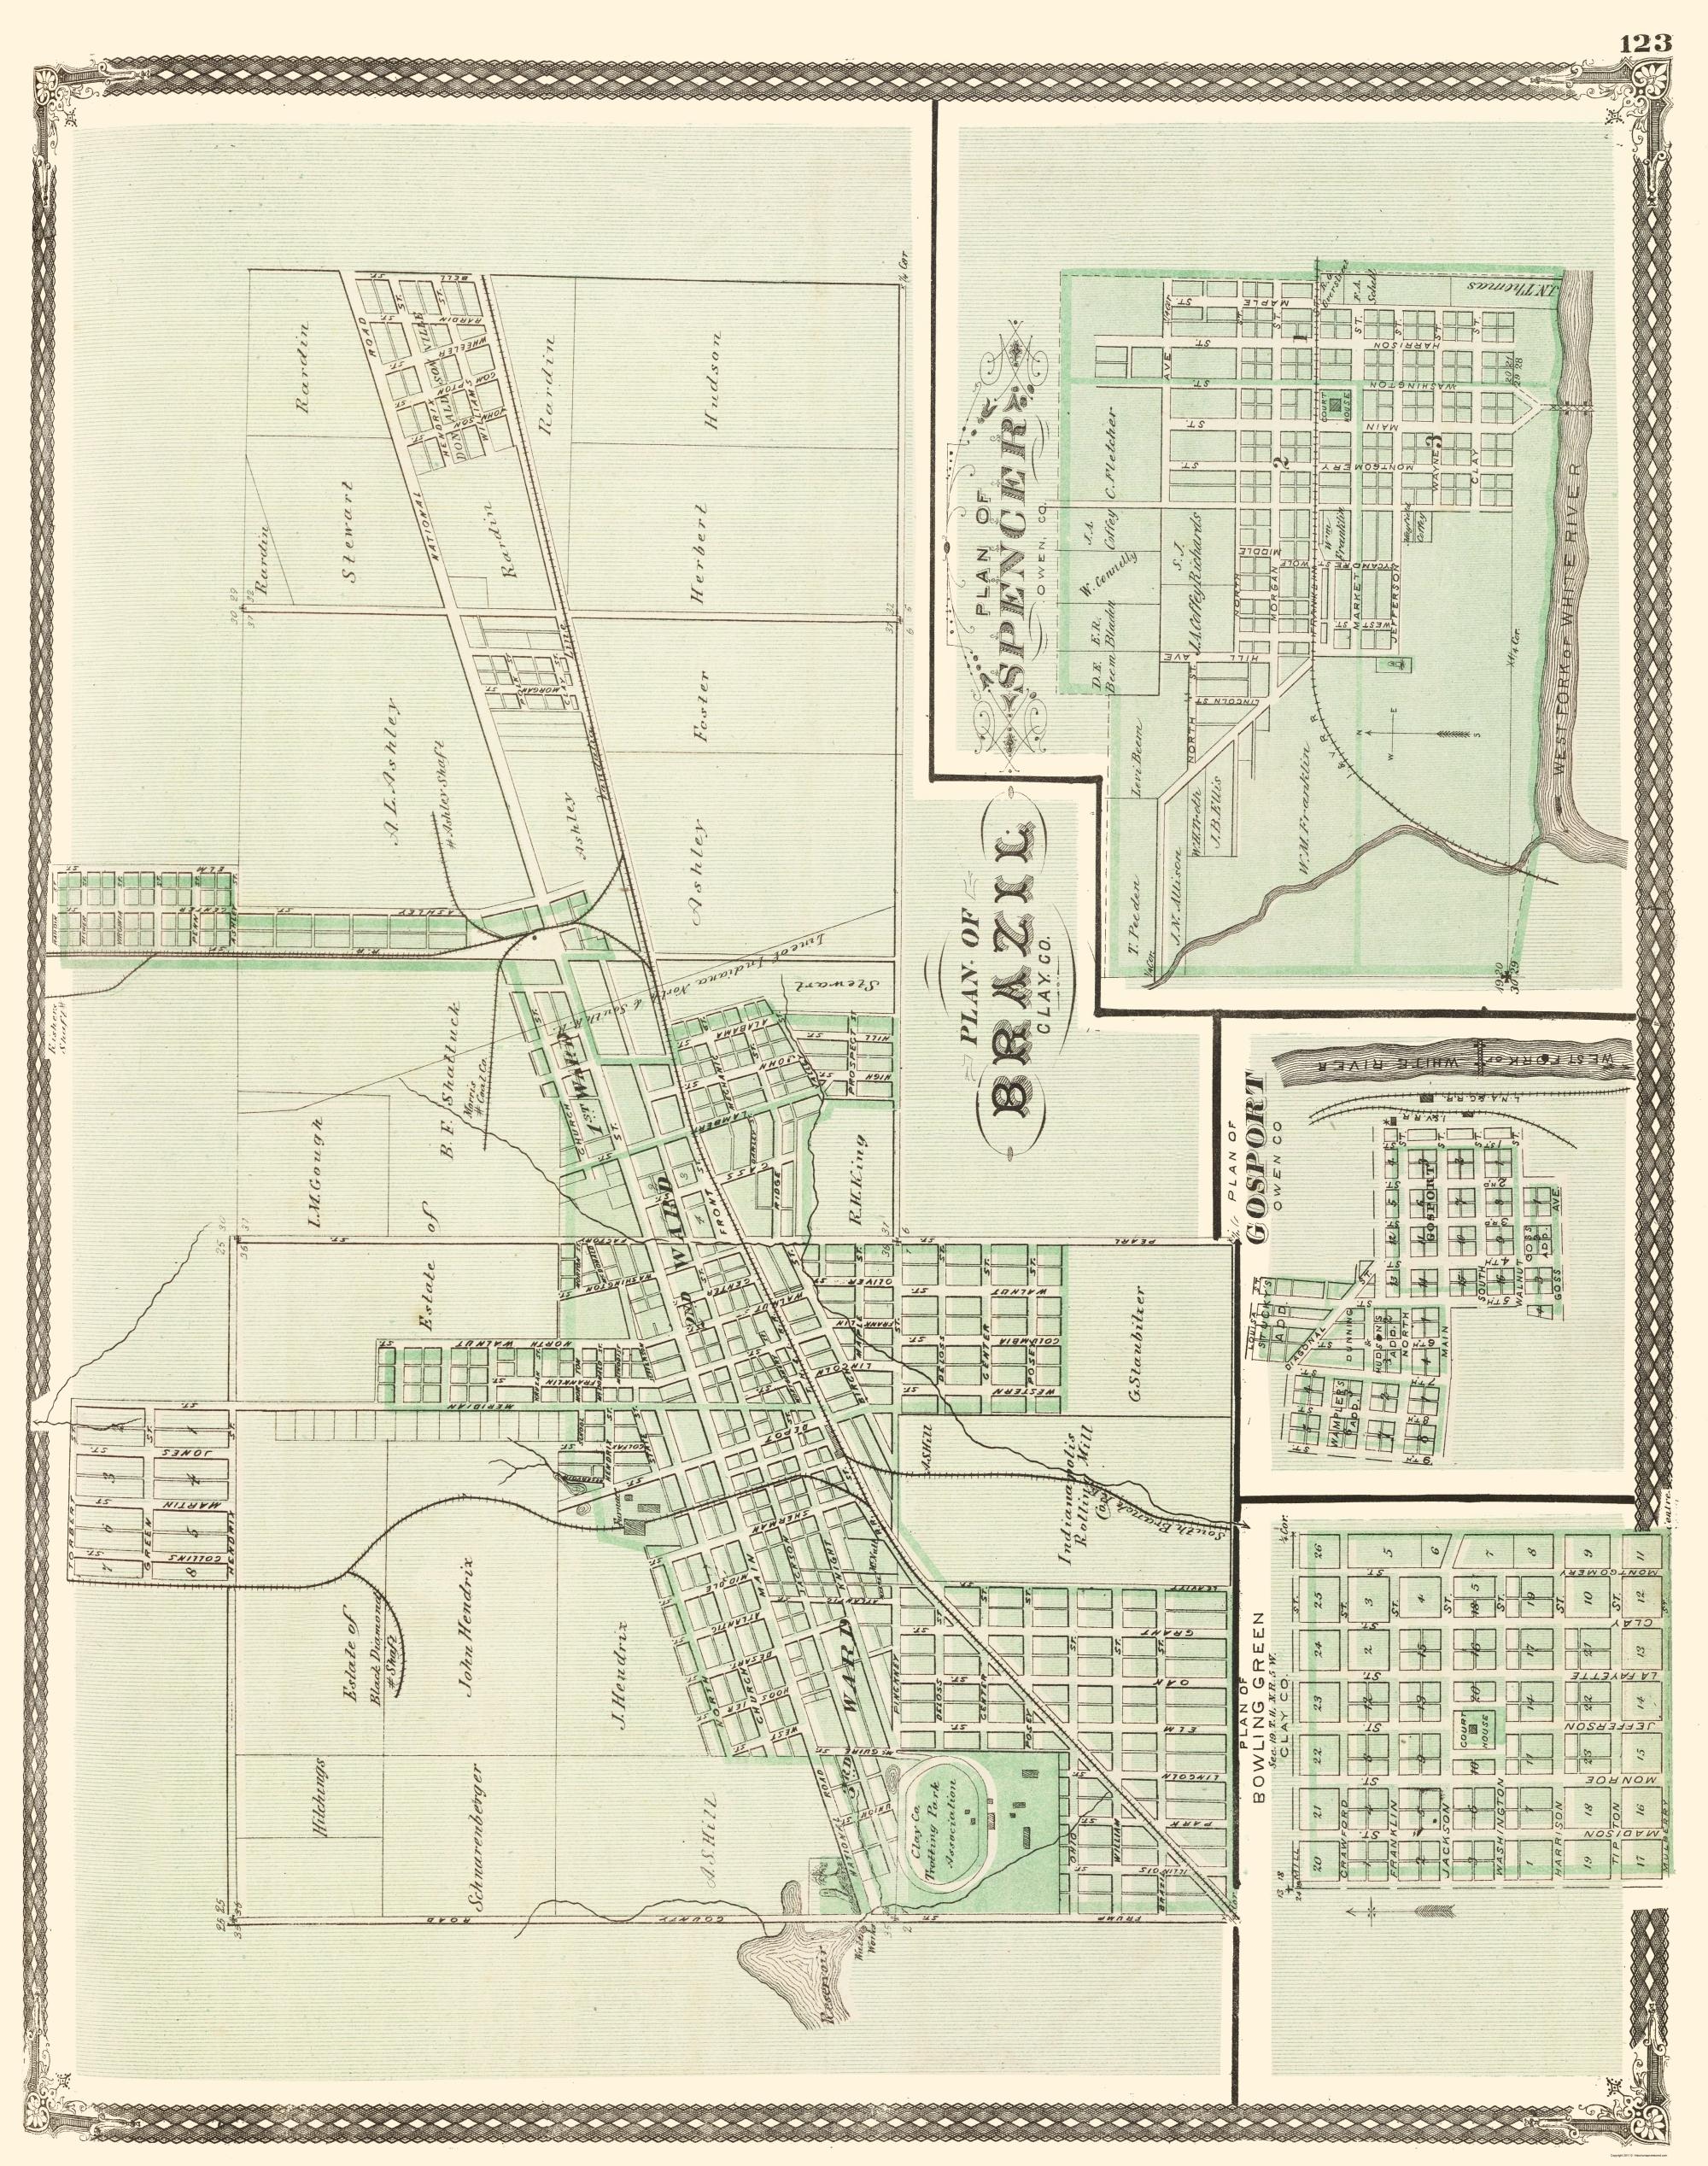 Old Map Brazil Spencer Bowling Green Indiana Landowner